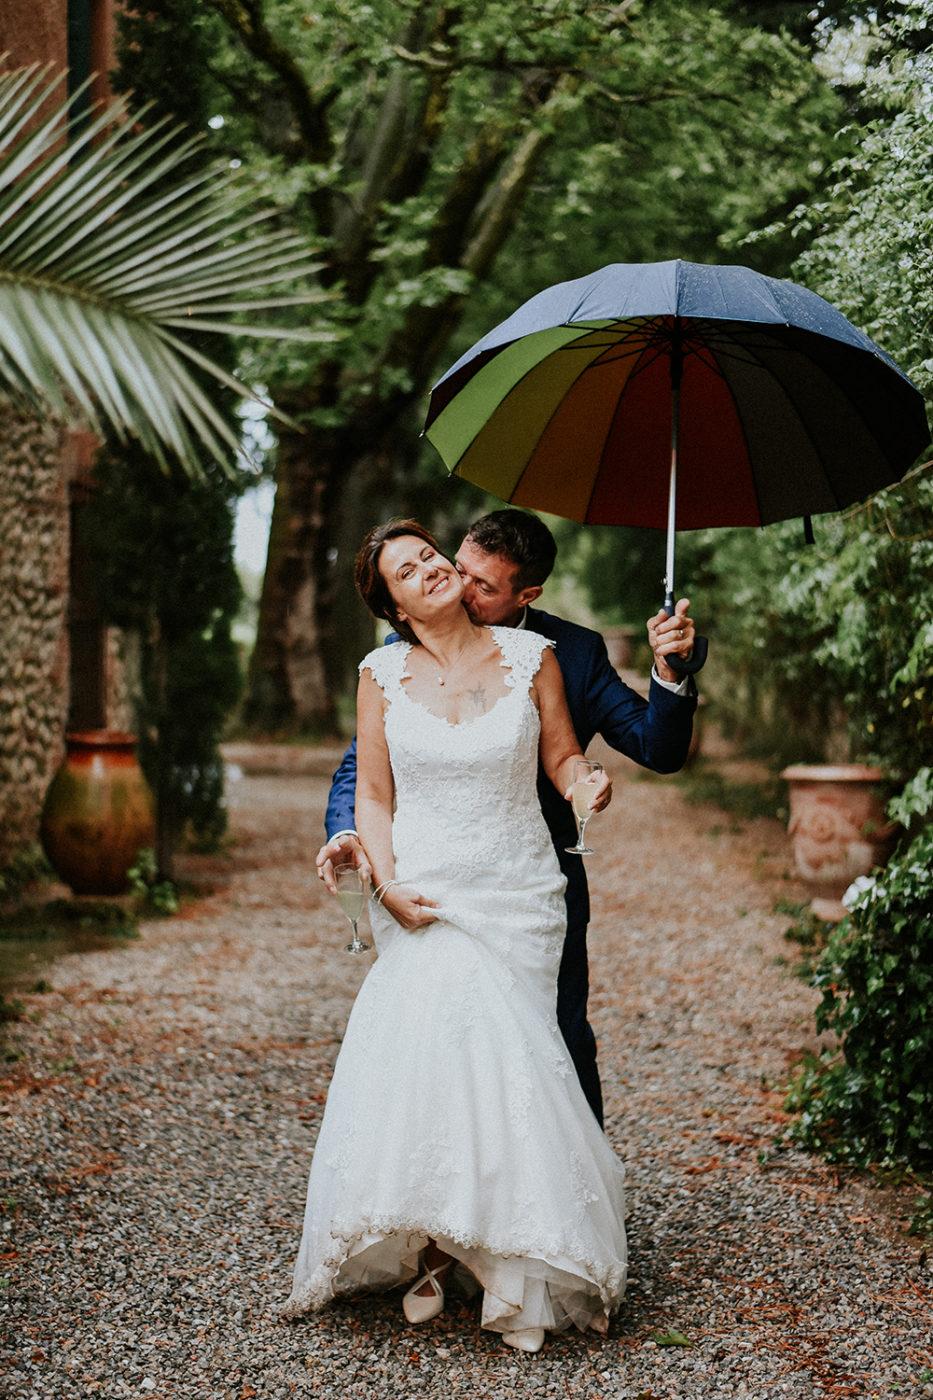 Mariage Château Las Collas - Couple sous un parapluie pendant le vin d'honneur